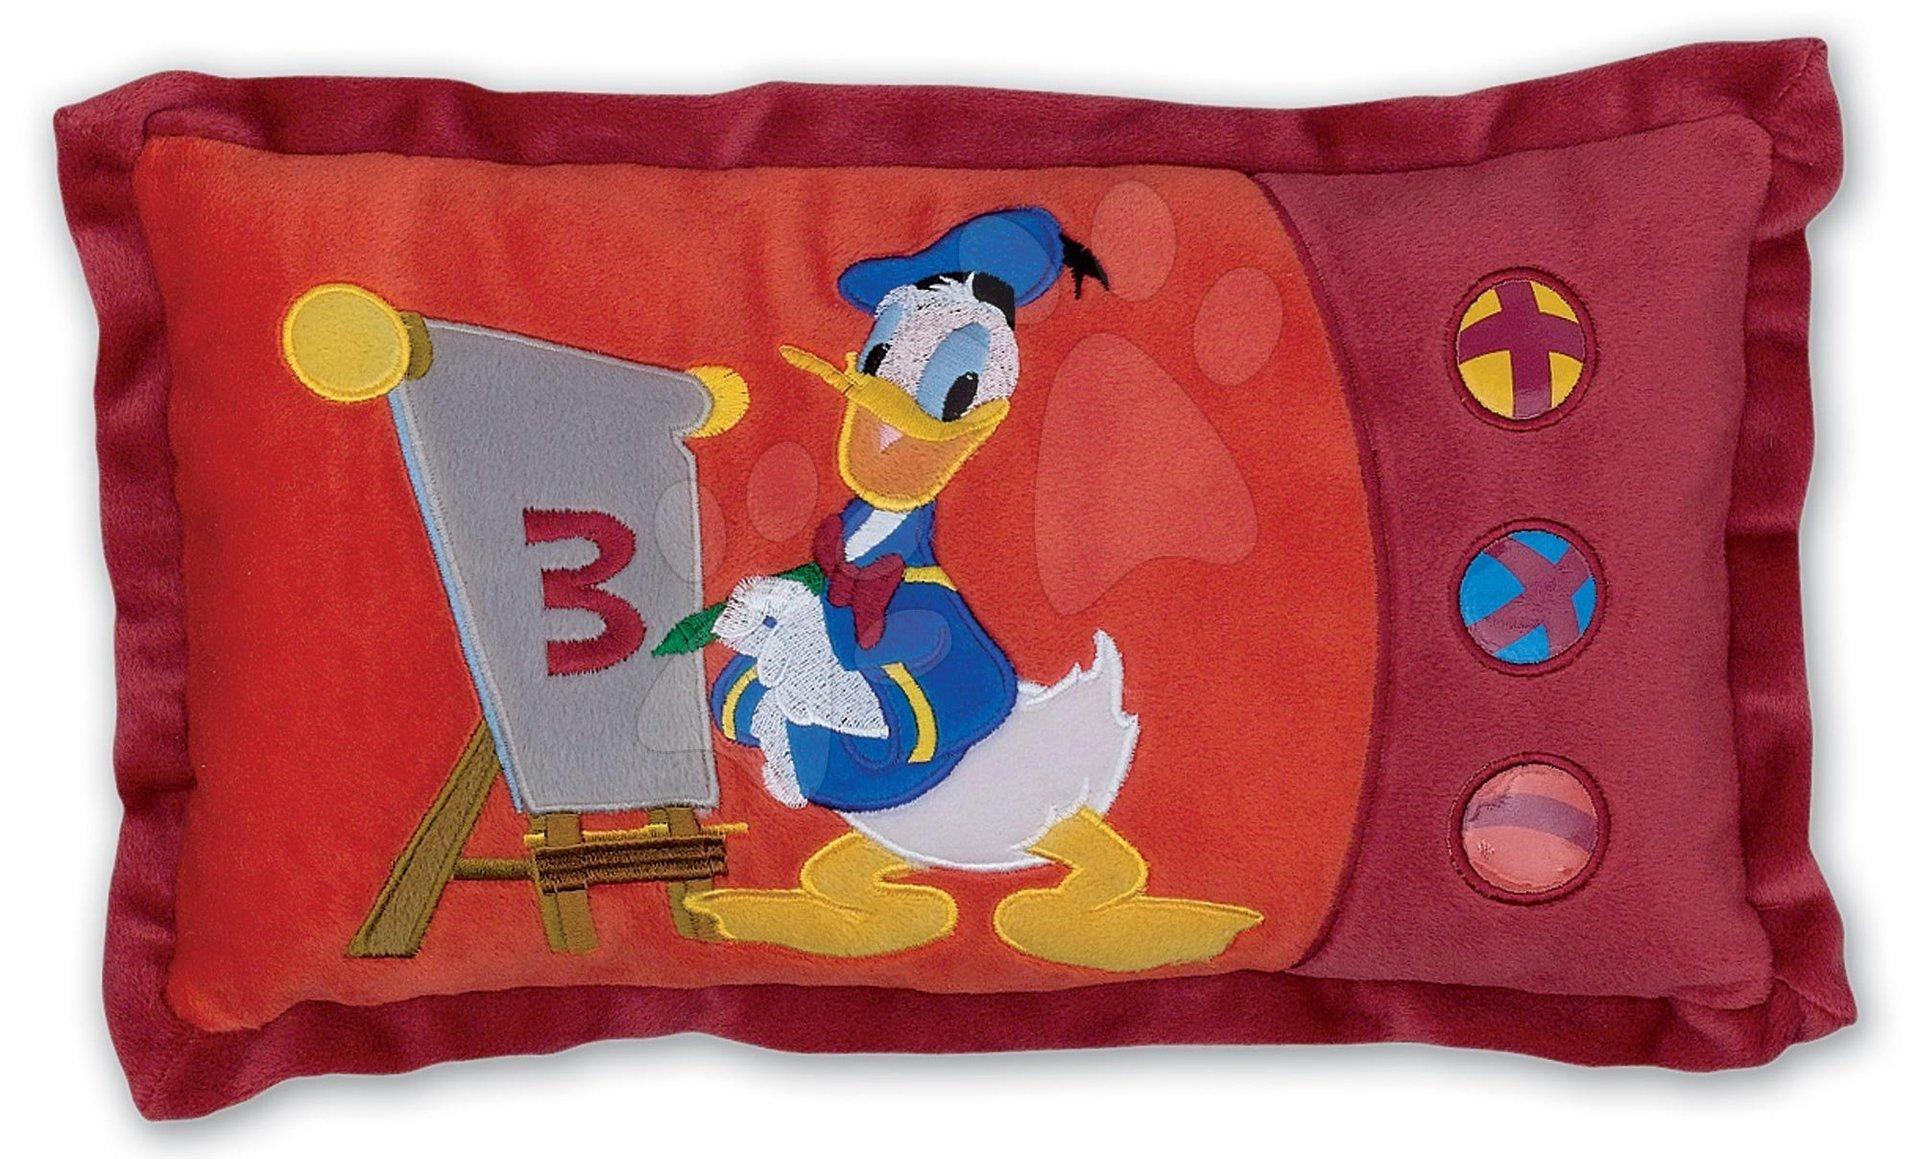 Plyšové vankúše - Vankúš Mickey Mouse Ilanit Donald obdĺžnikový